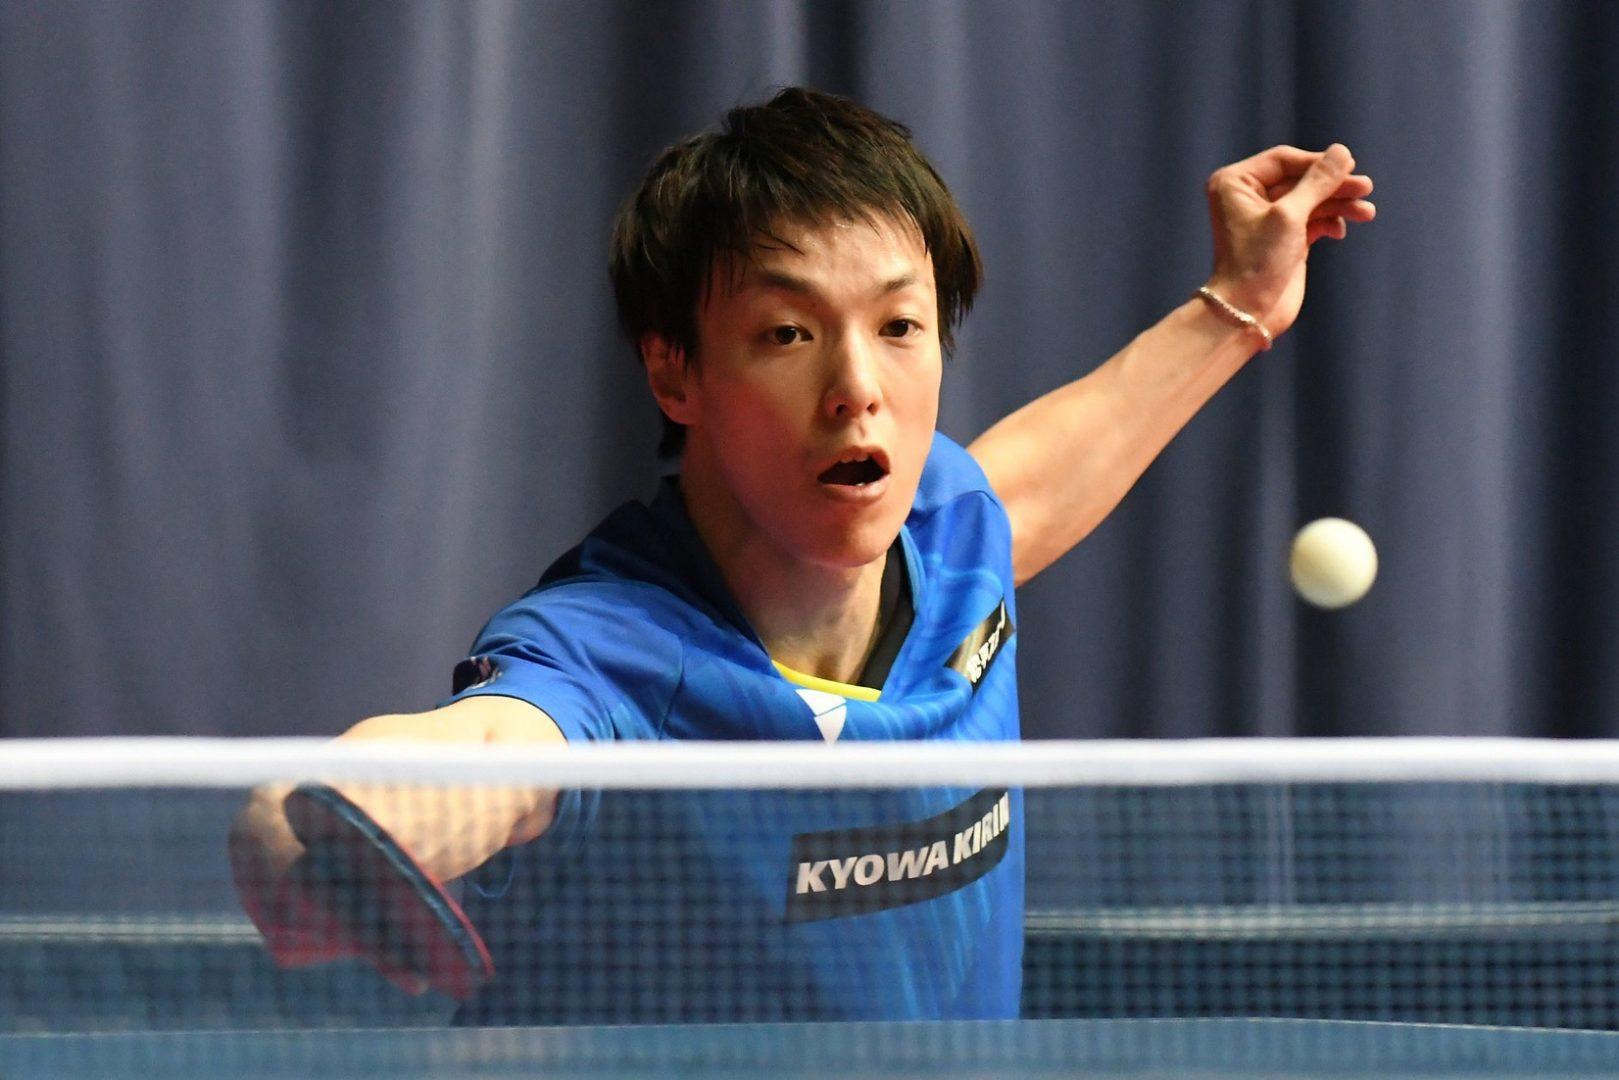 【卓球】日本卓球リーグ選手会が誕生   Twitterで公式アカウントのアイコンを大募集中!